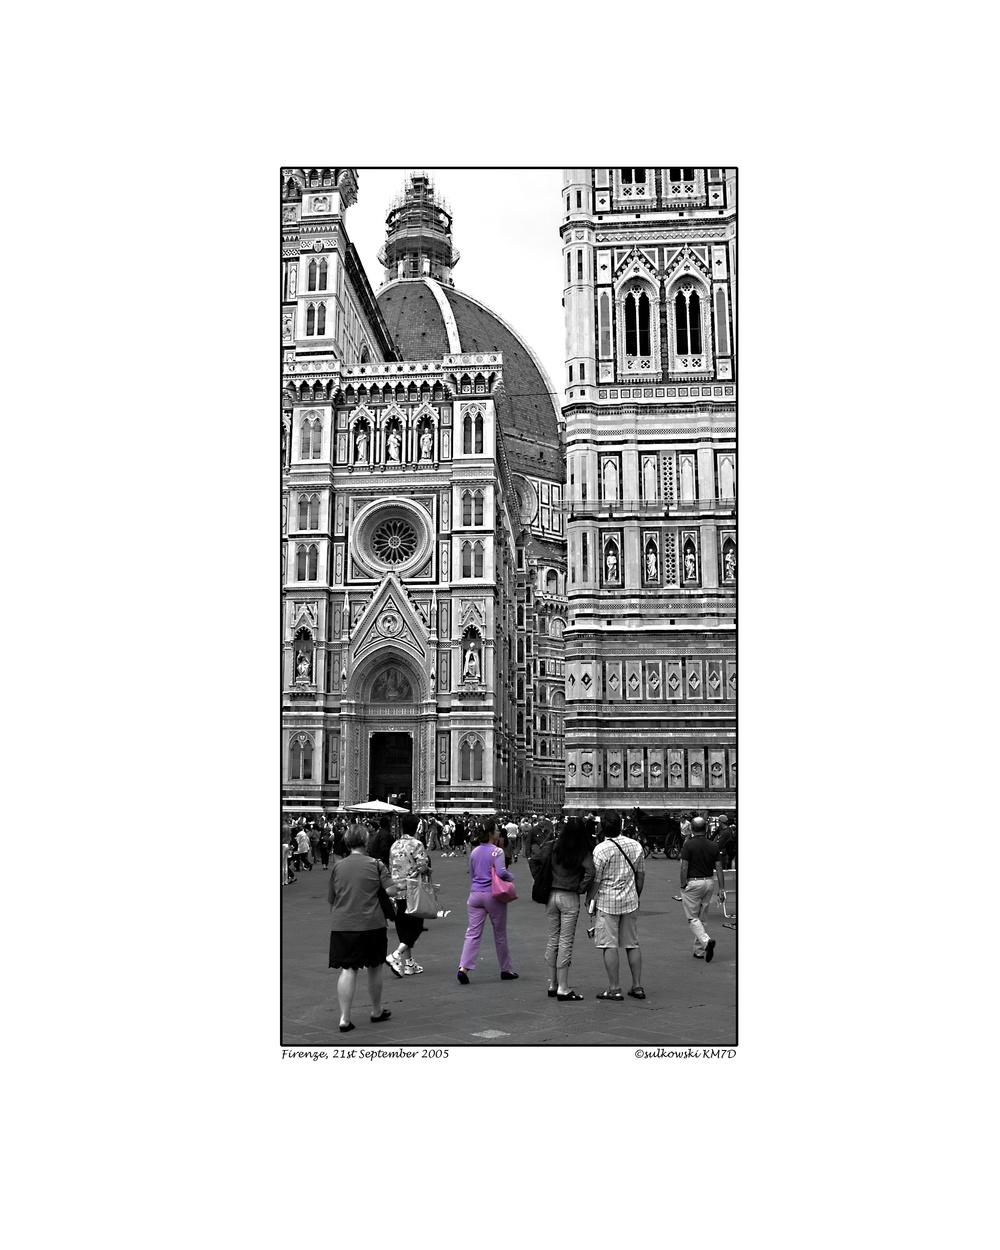 Firenze duomo_purplemoni.jpg